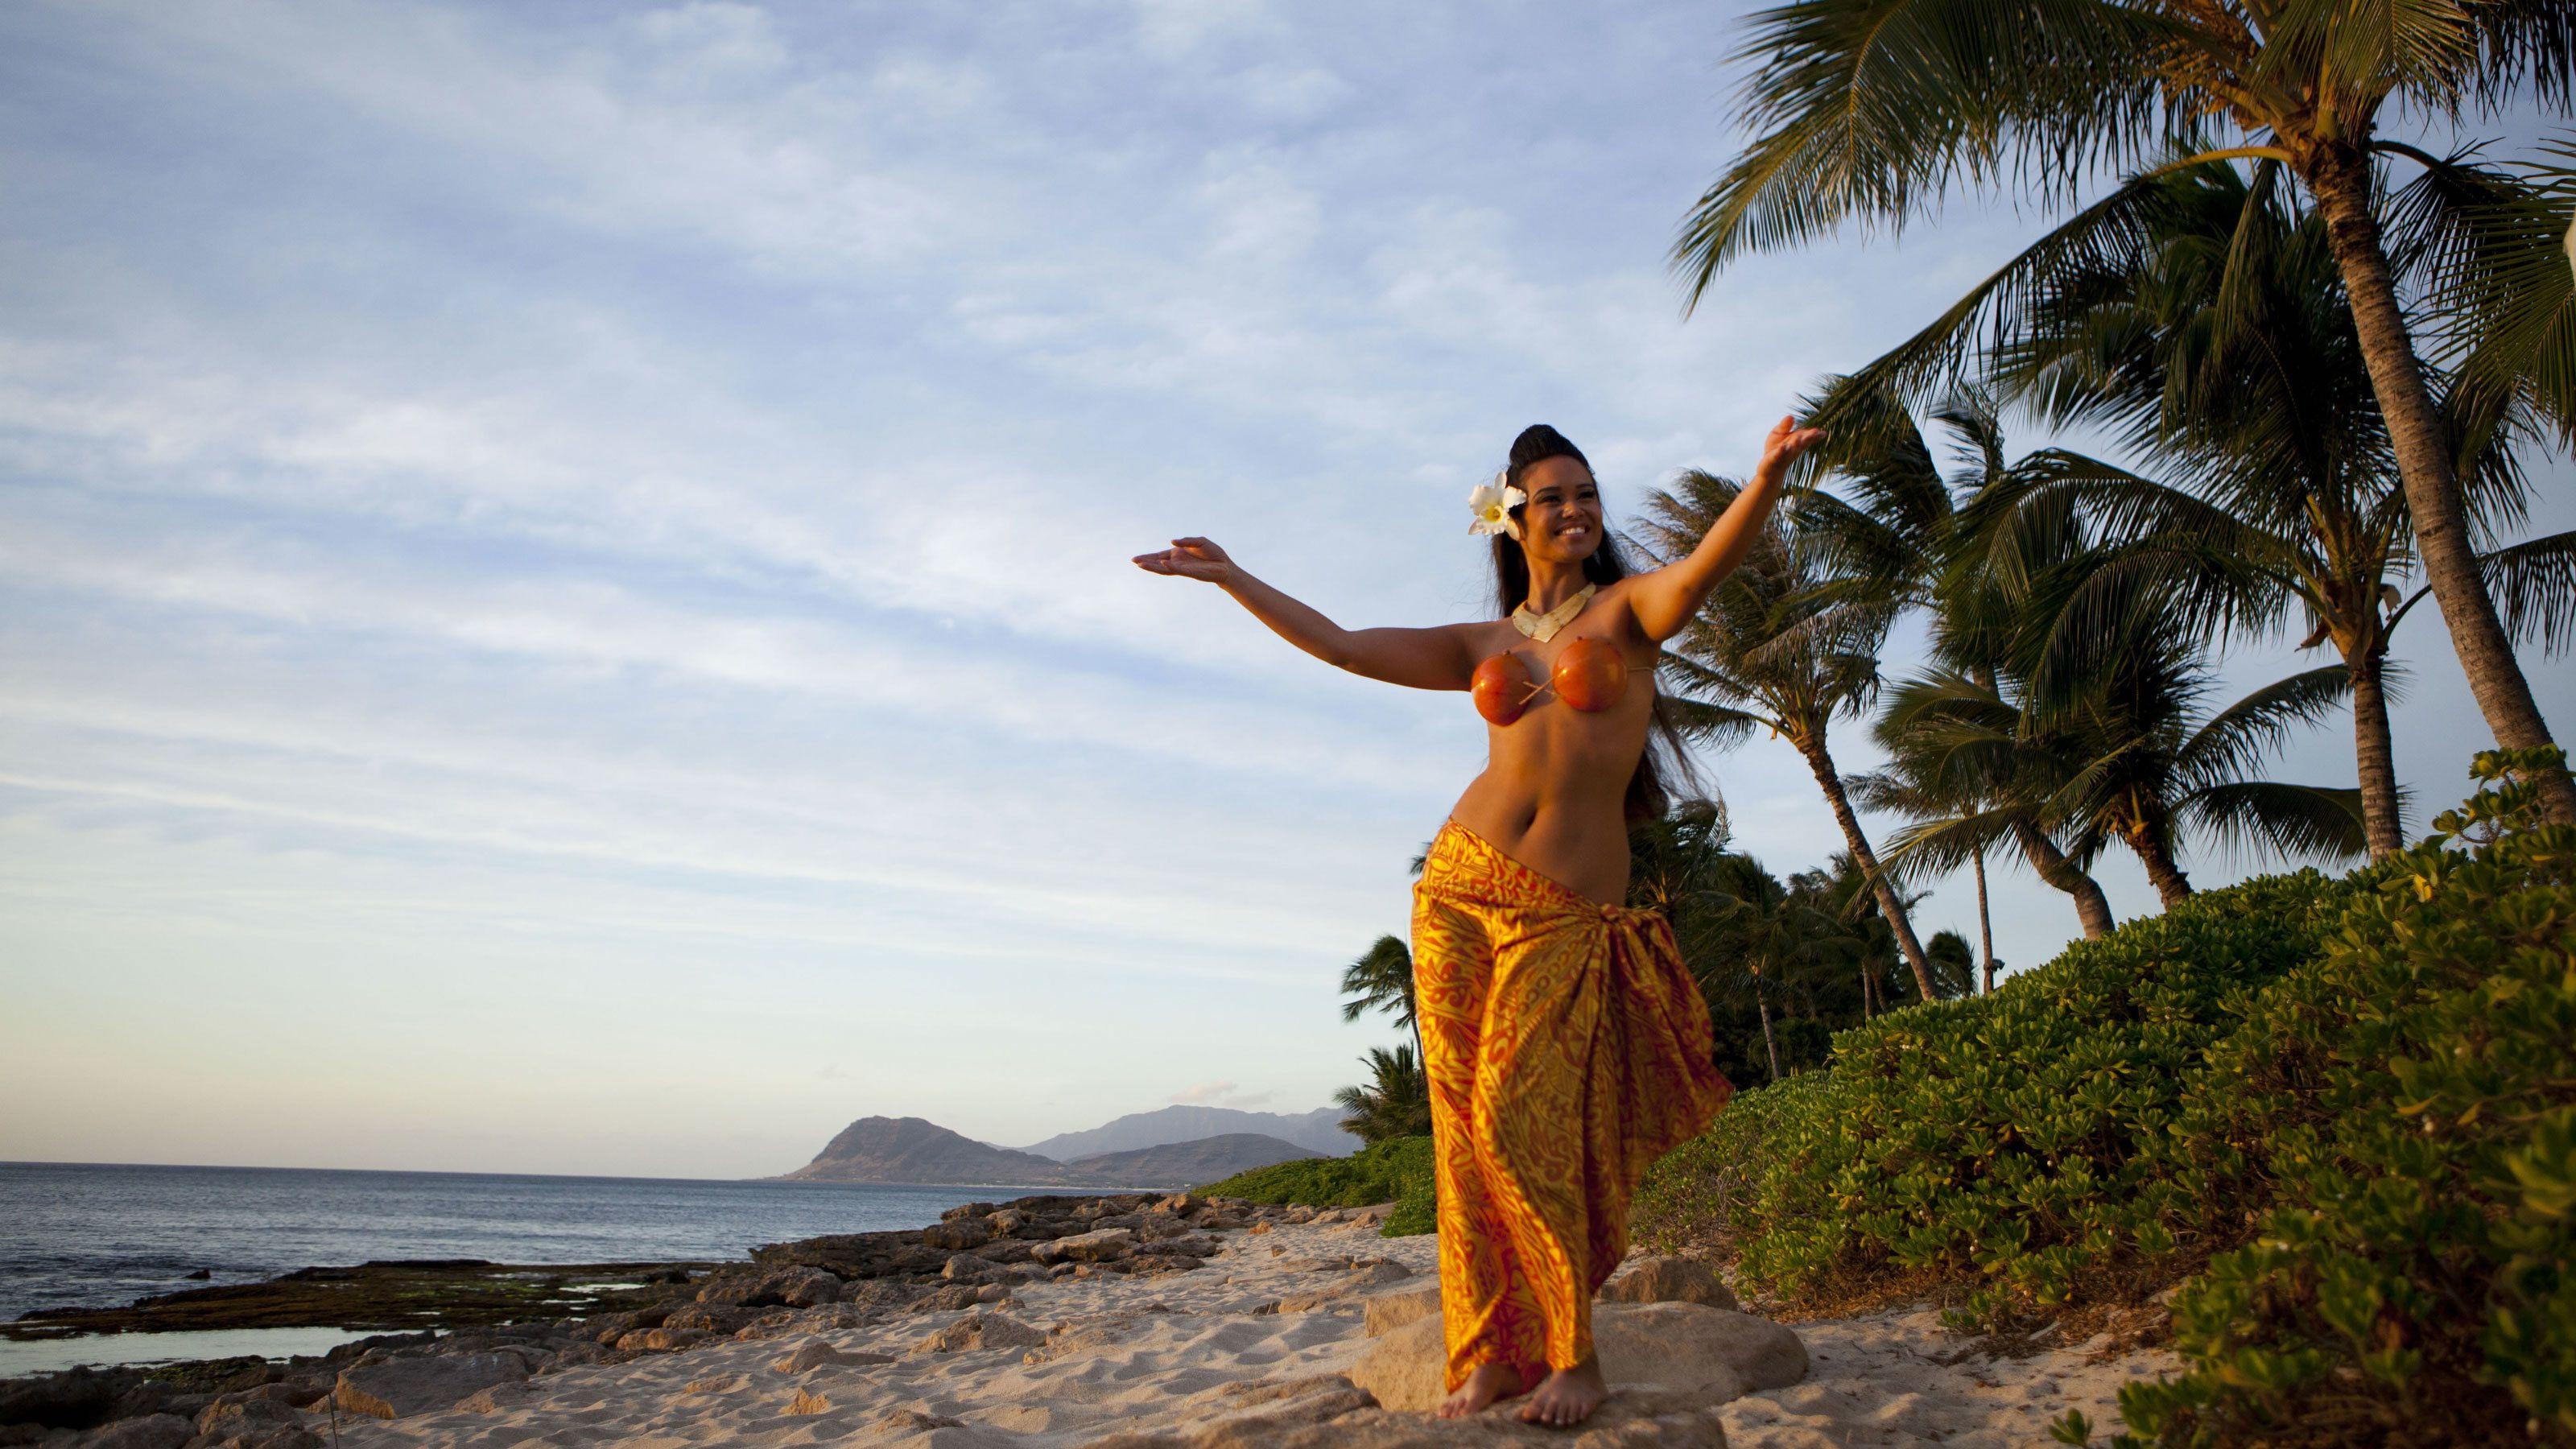 Lovely woman in orange dress on the beach in Oahu